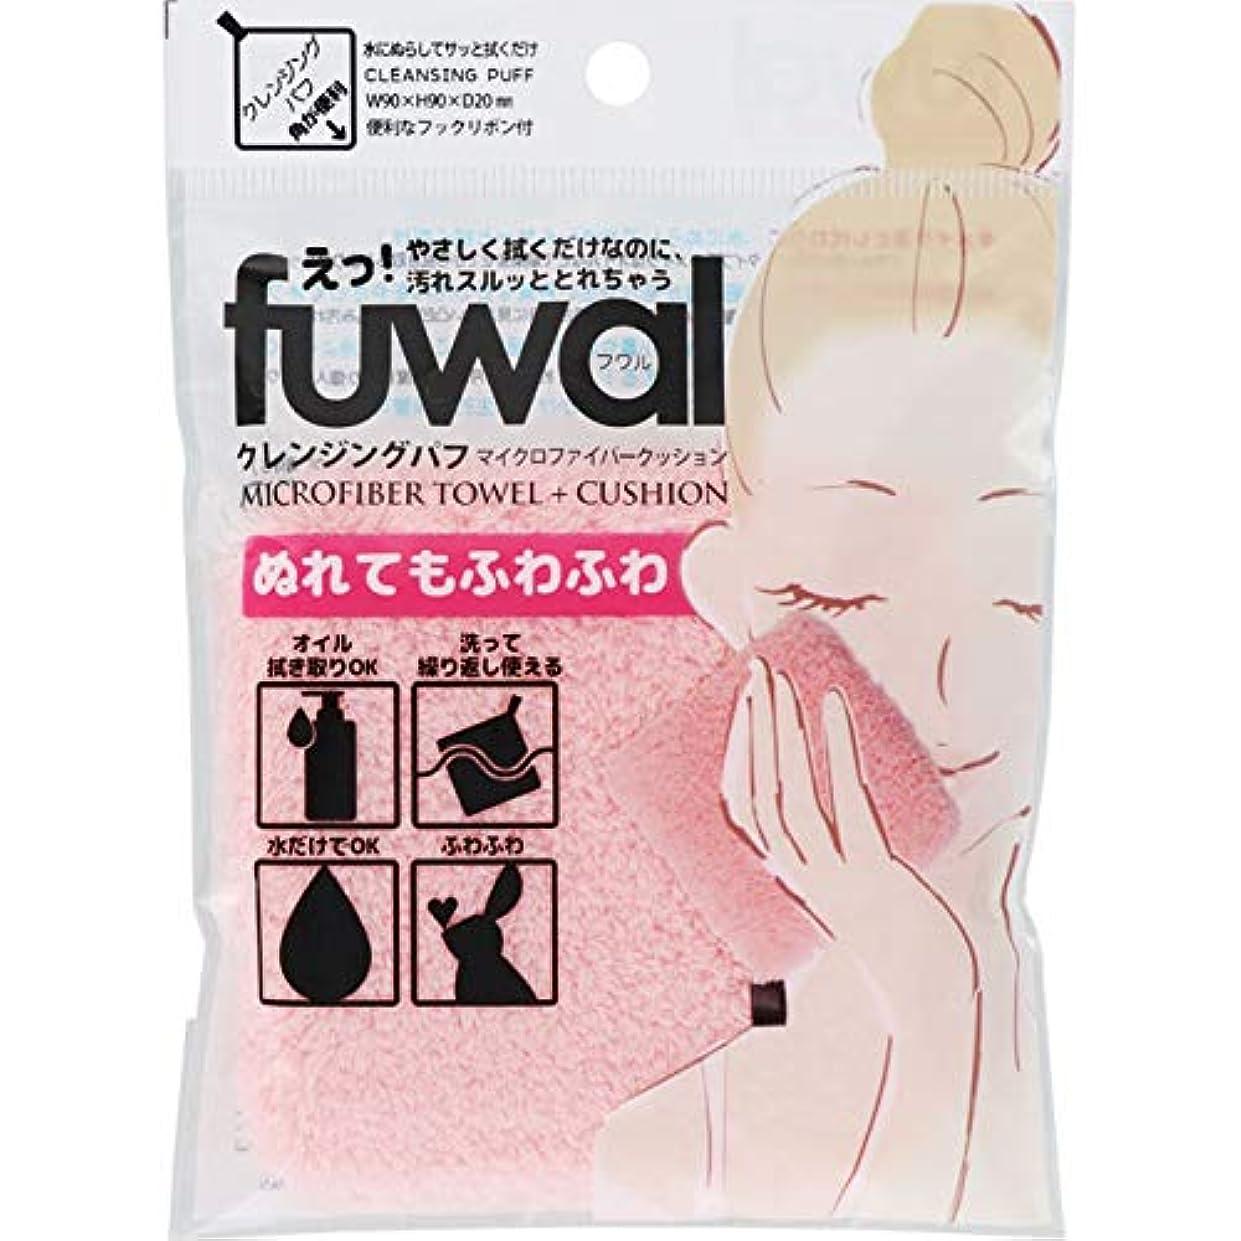 ブル性差別意味するリヨンプランニング fuwal フワルクレンジングパフ